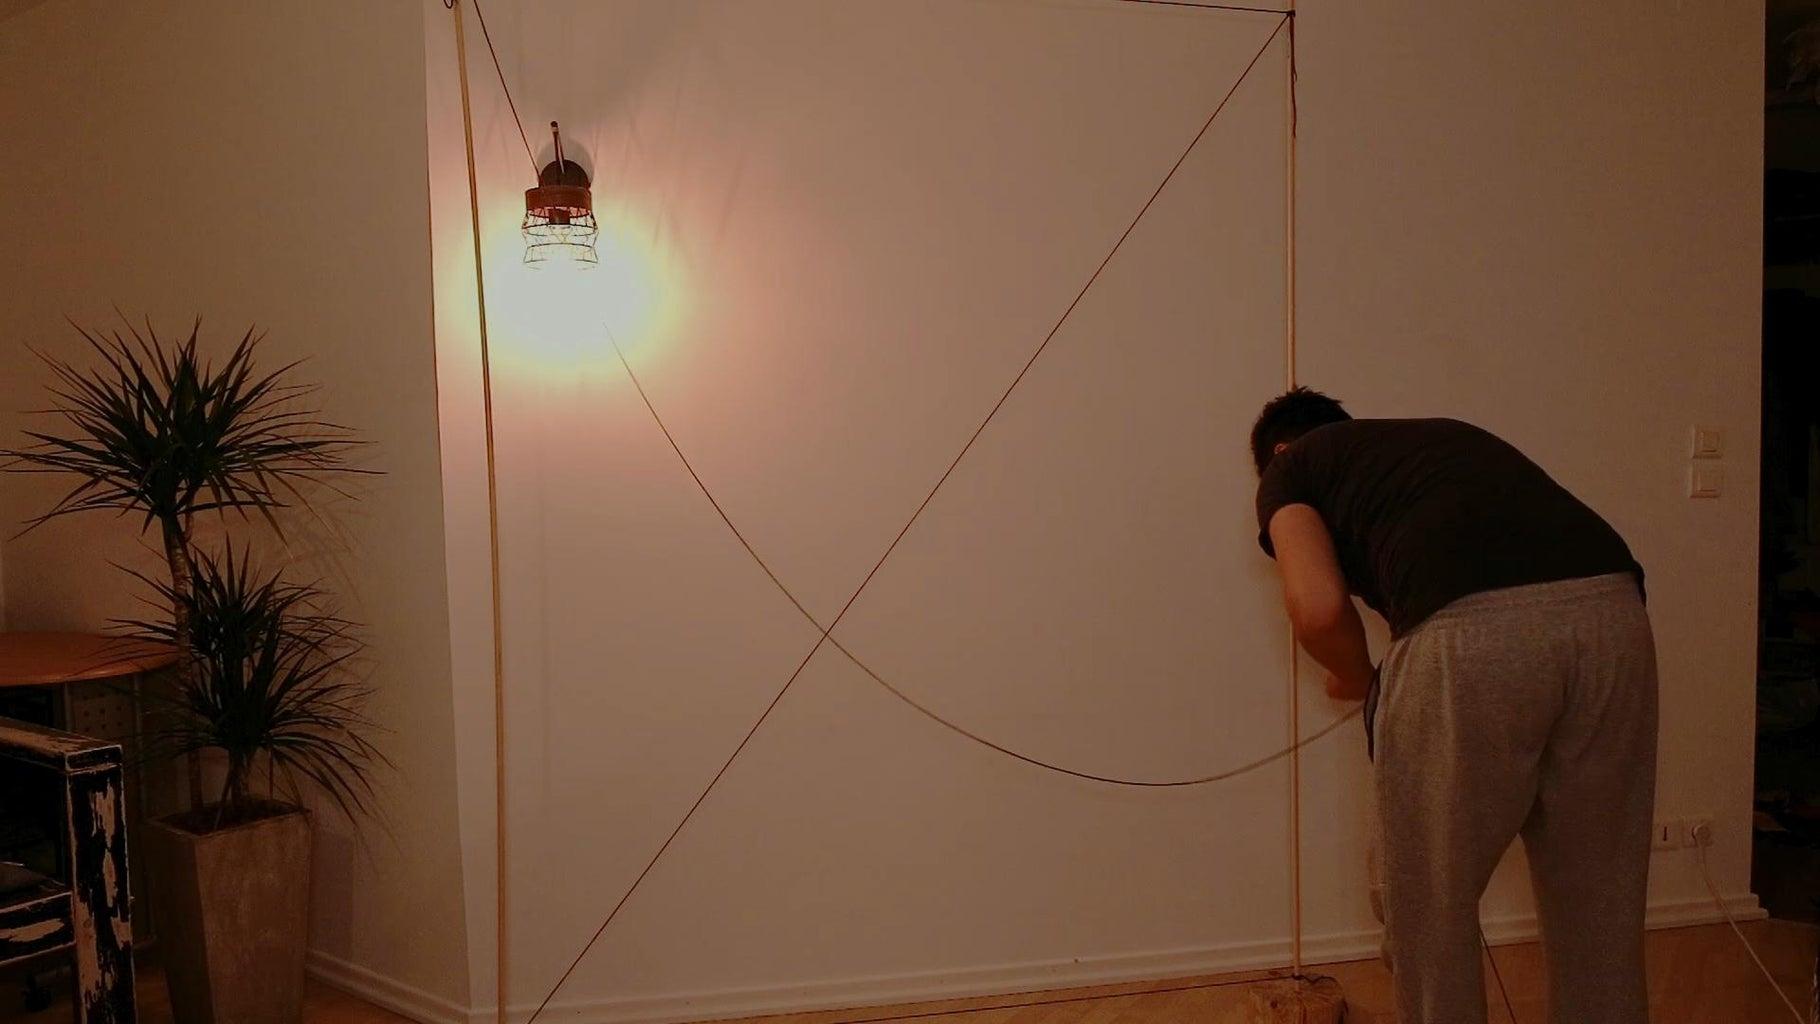 Spider Web Radius